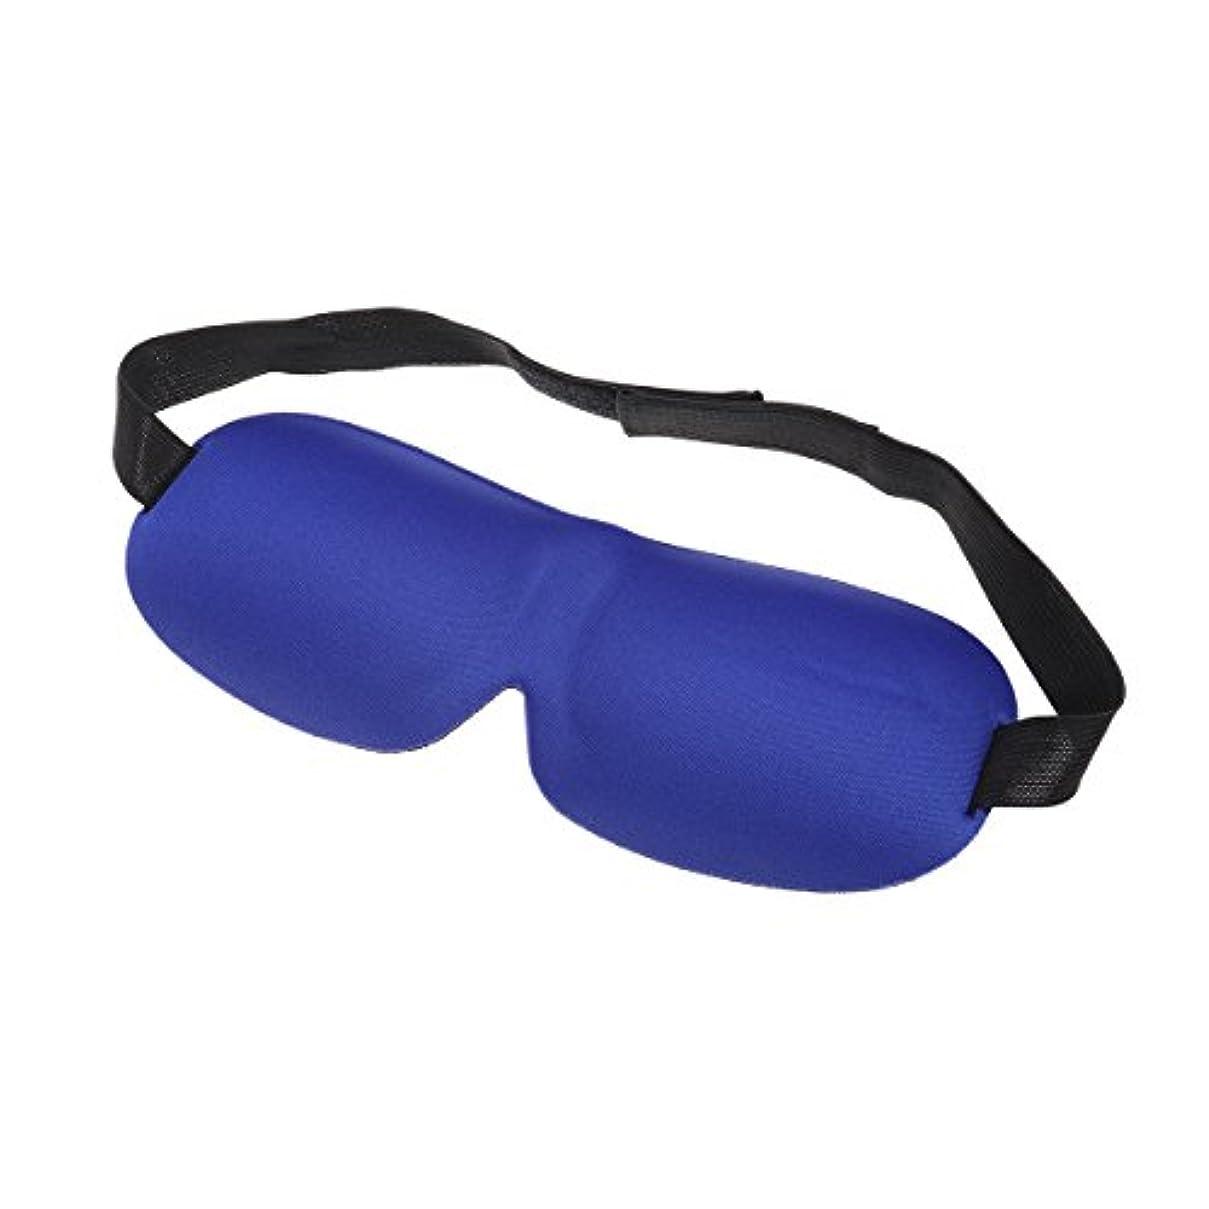 ラグ奴隷リストROSENICE アイマスク 遮光 睡眠 軽量 目隠し 圧迫感なし 調節可能 3D睡眠マスク(ブルー)